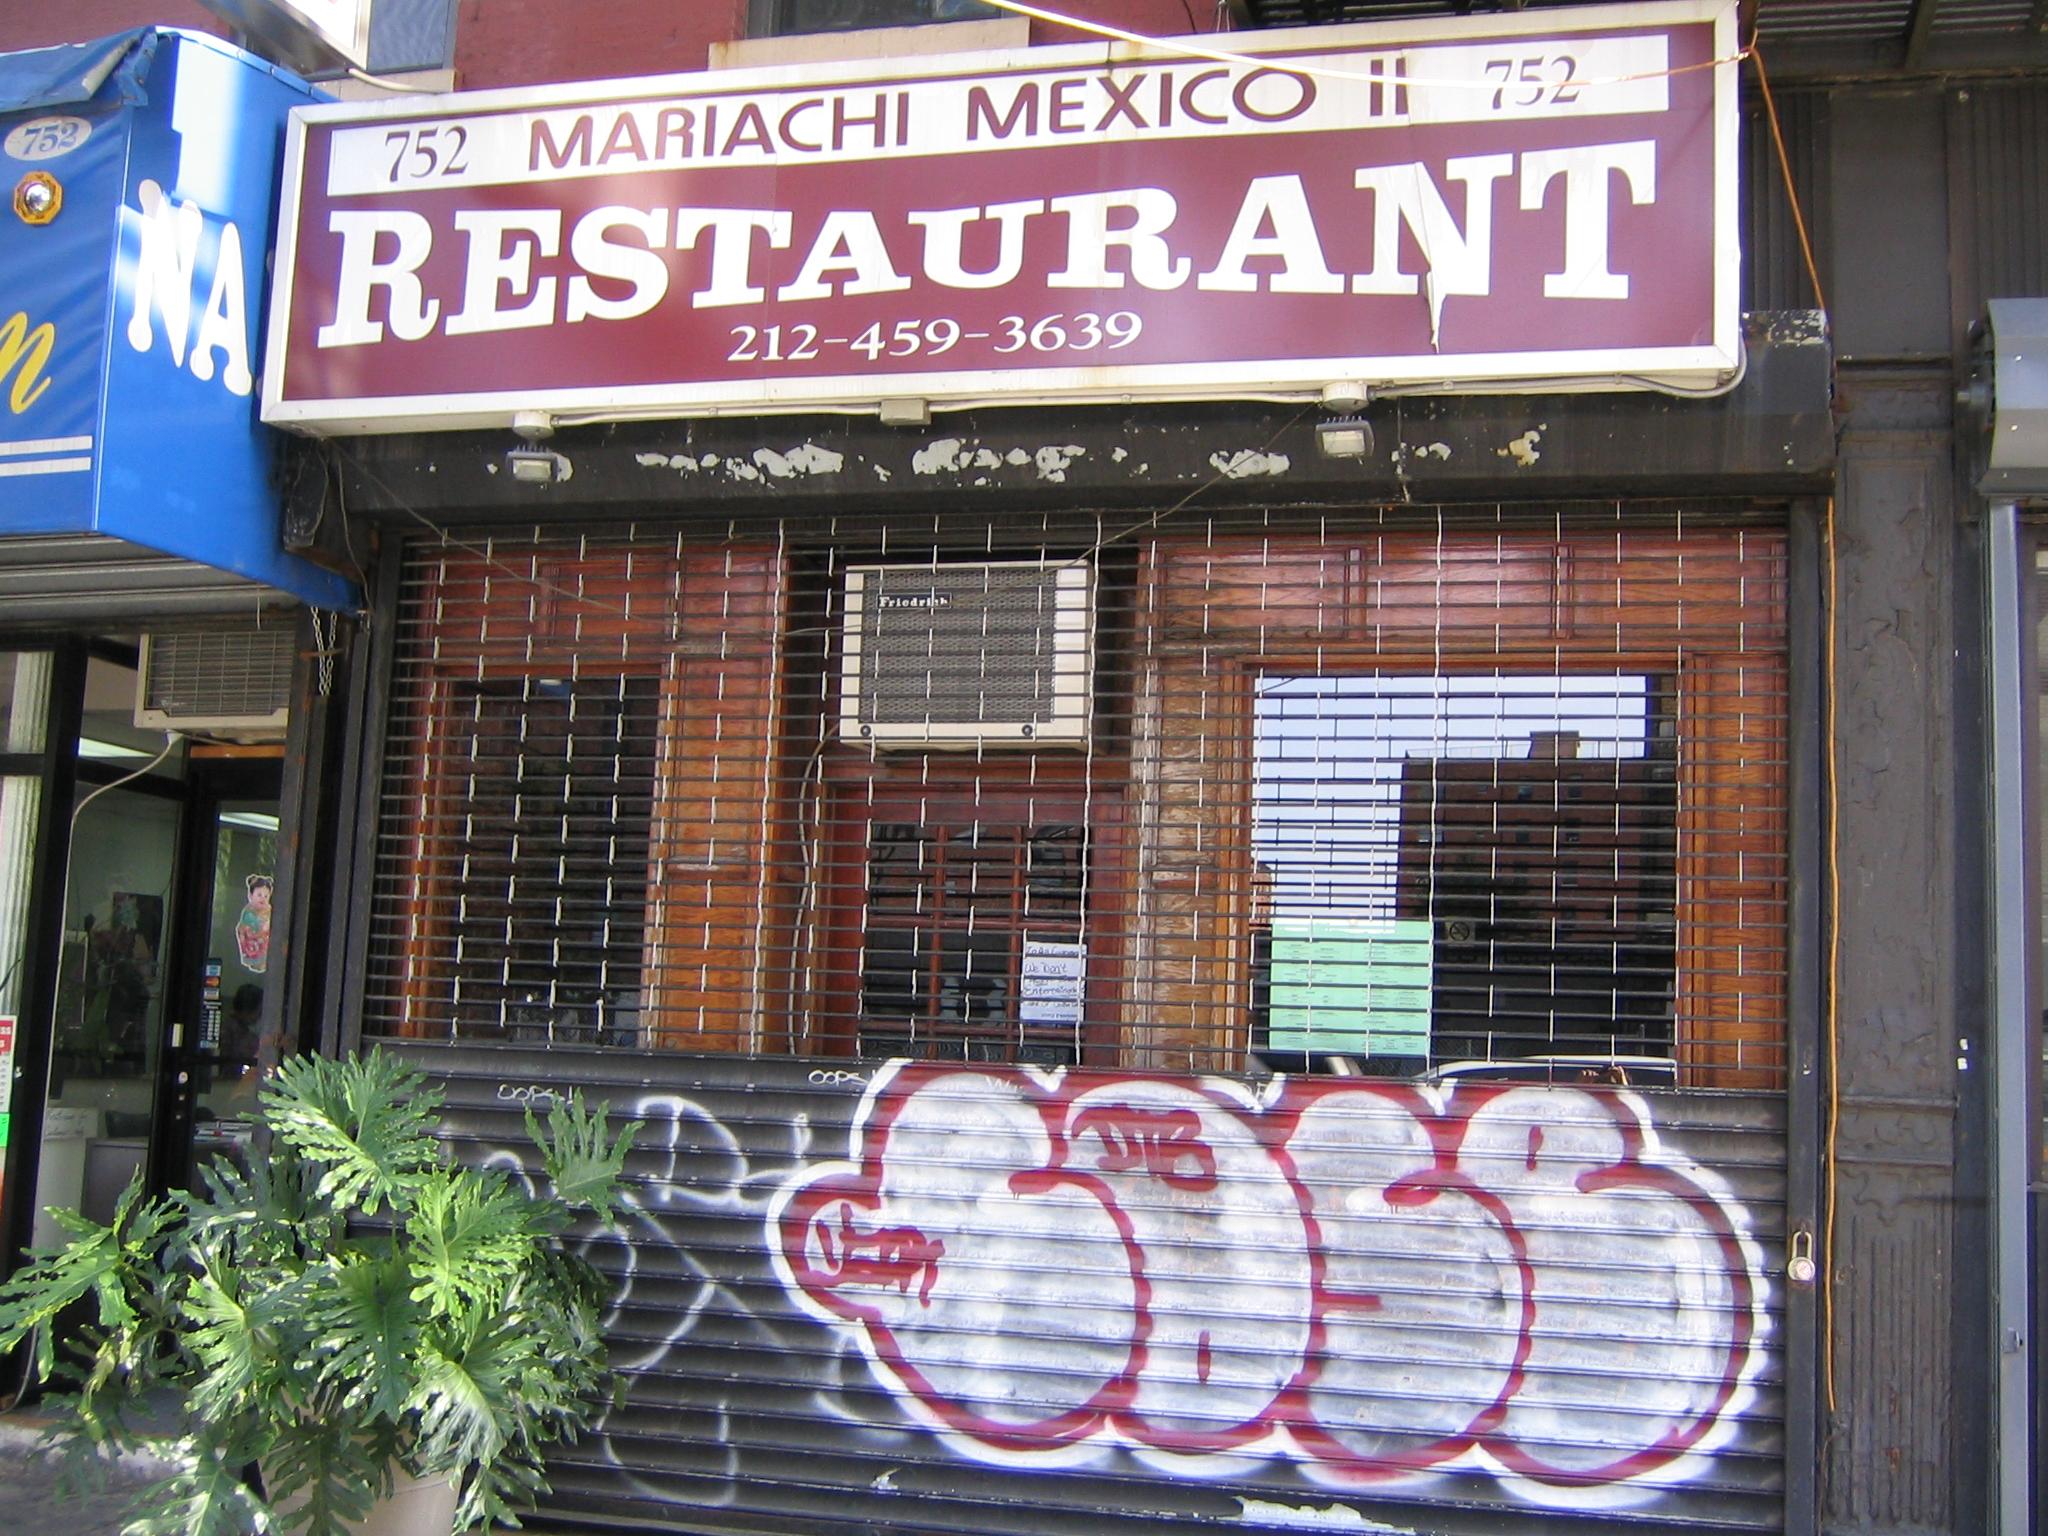 Mariachi Mexico 2